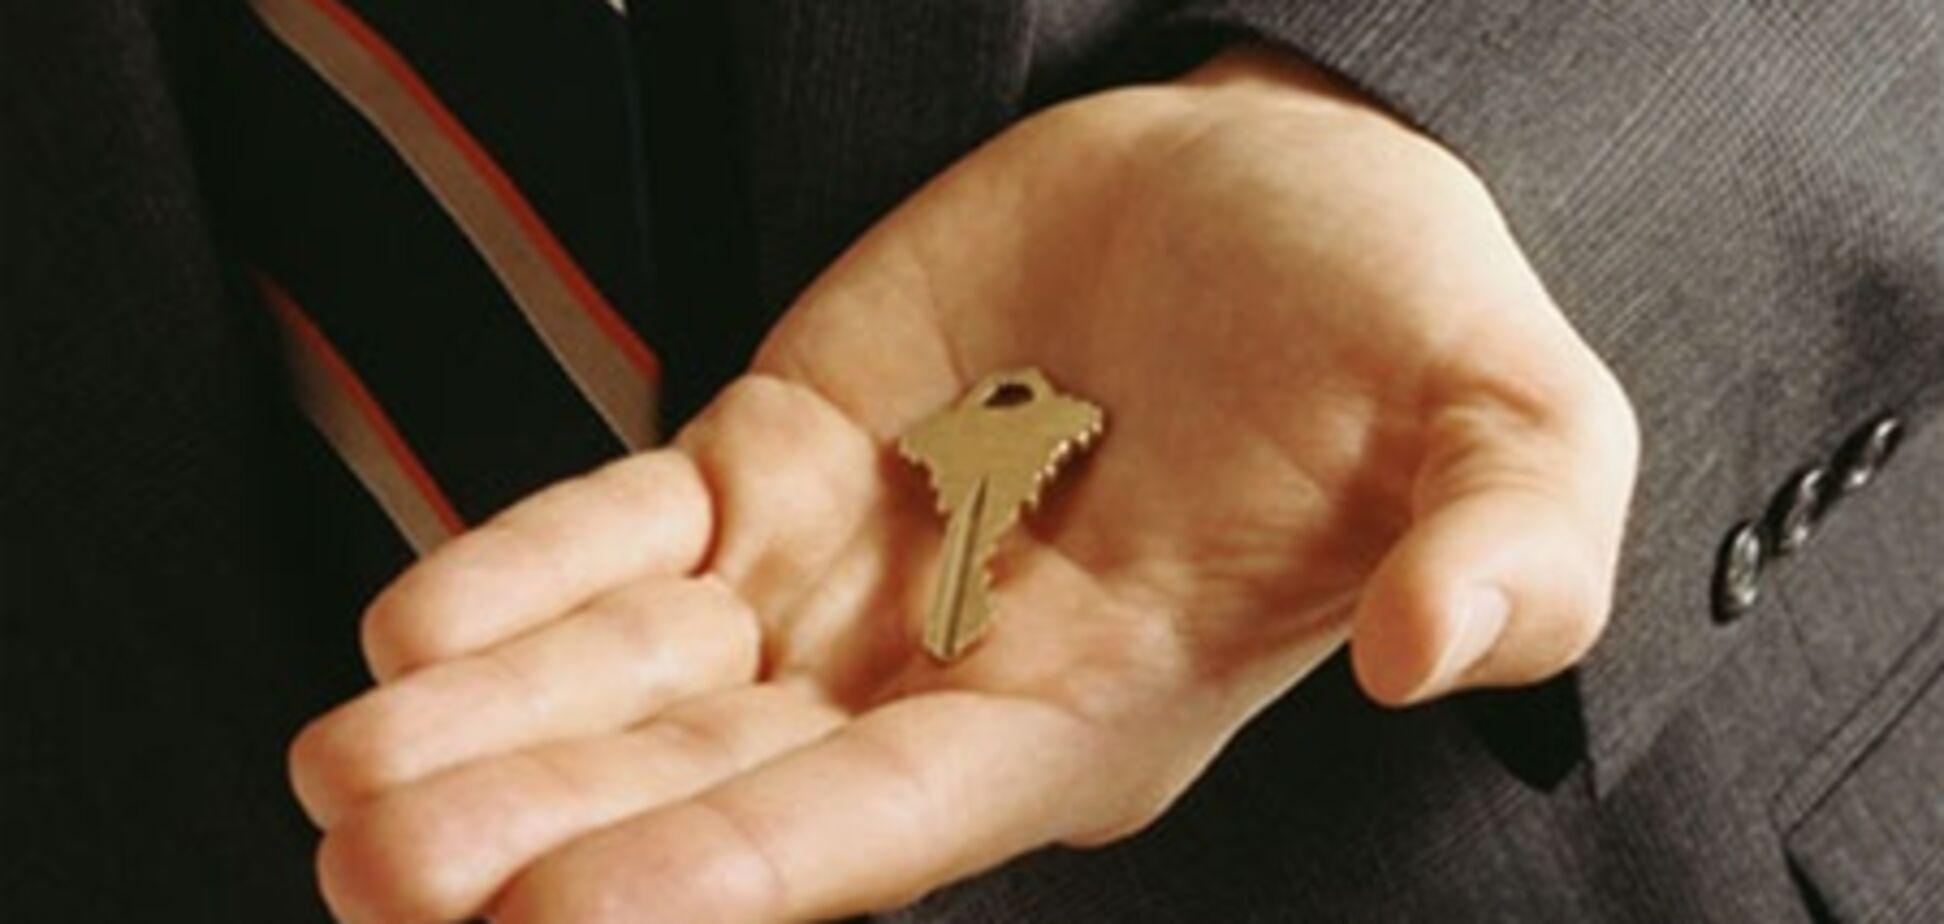 Как правильно арендовать квартиру, 19 сентября 2011